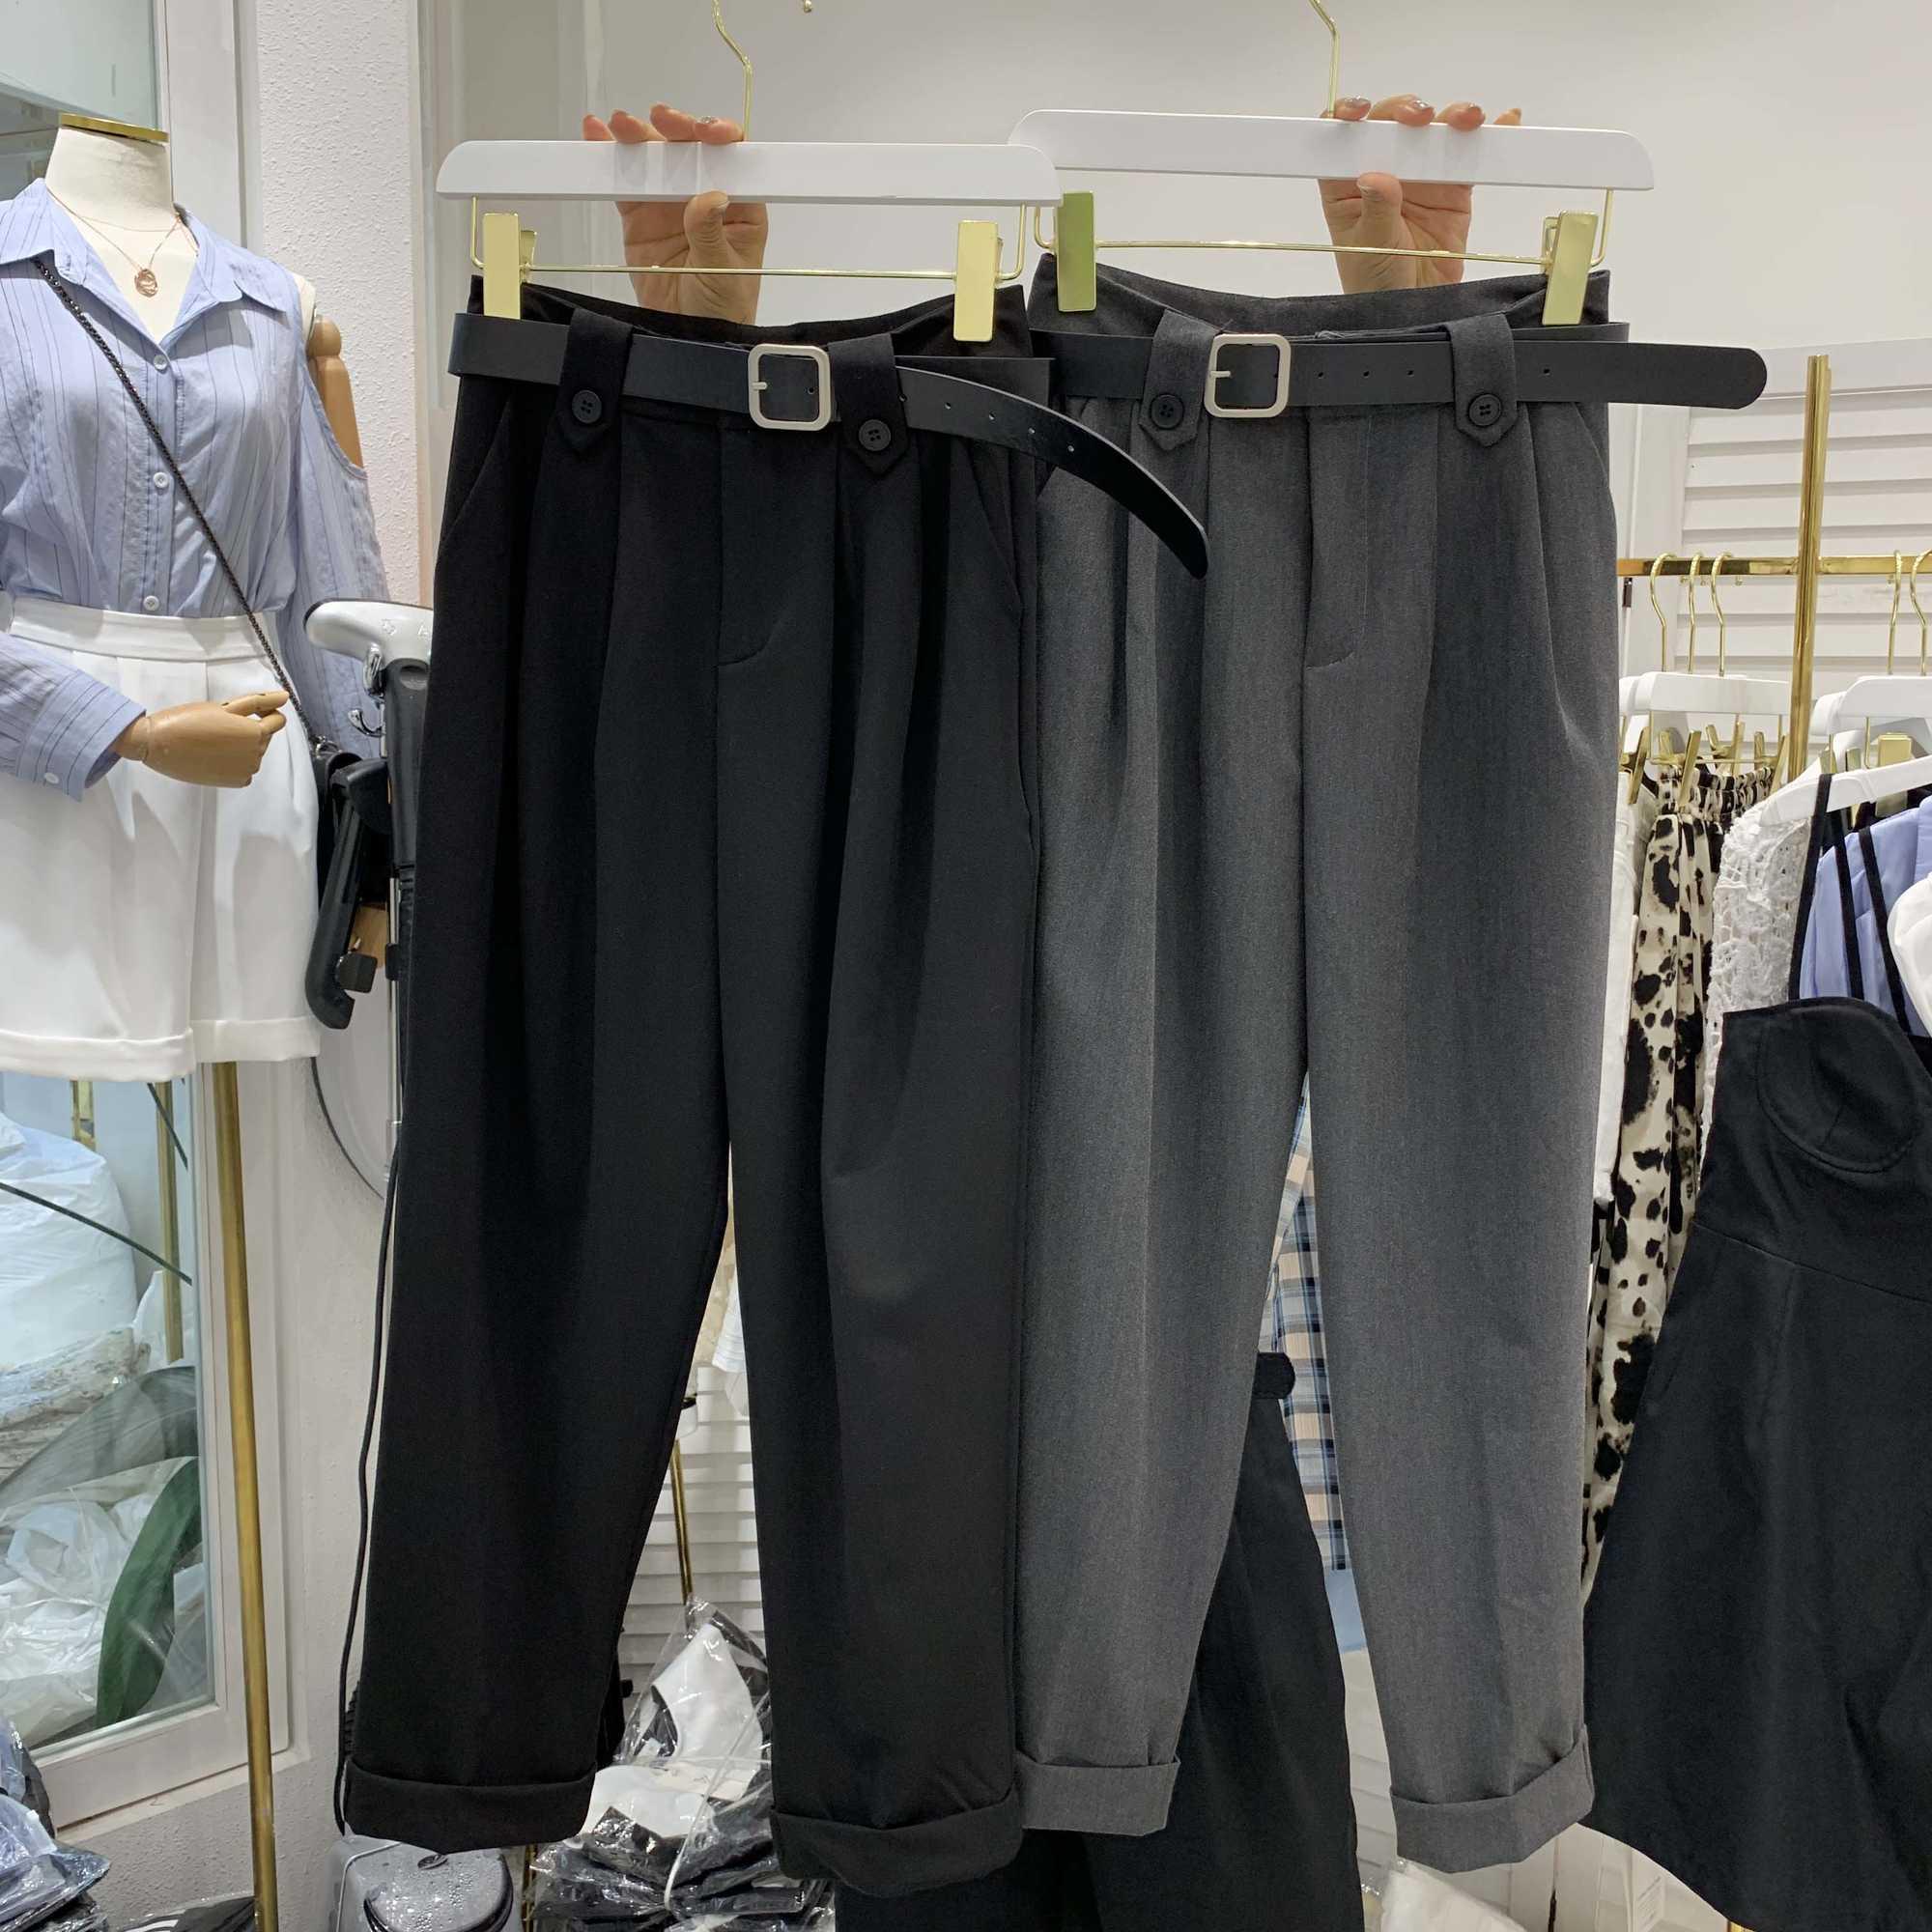 Свежий корейский Dongdaemun изящный и модный Ранняя весна новый модный универсальный Повседневный свободный костюм Папины брюки для женщин